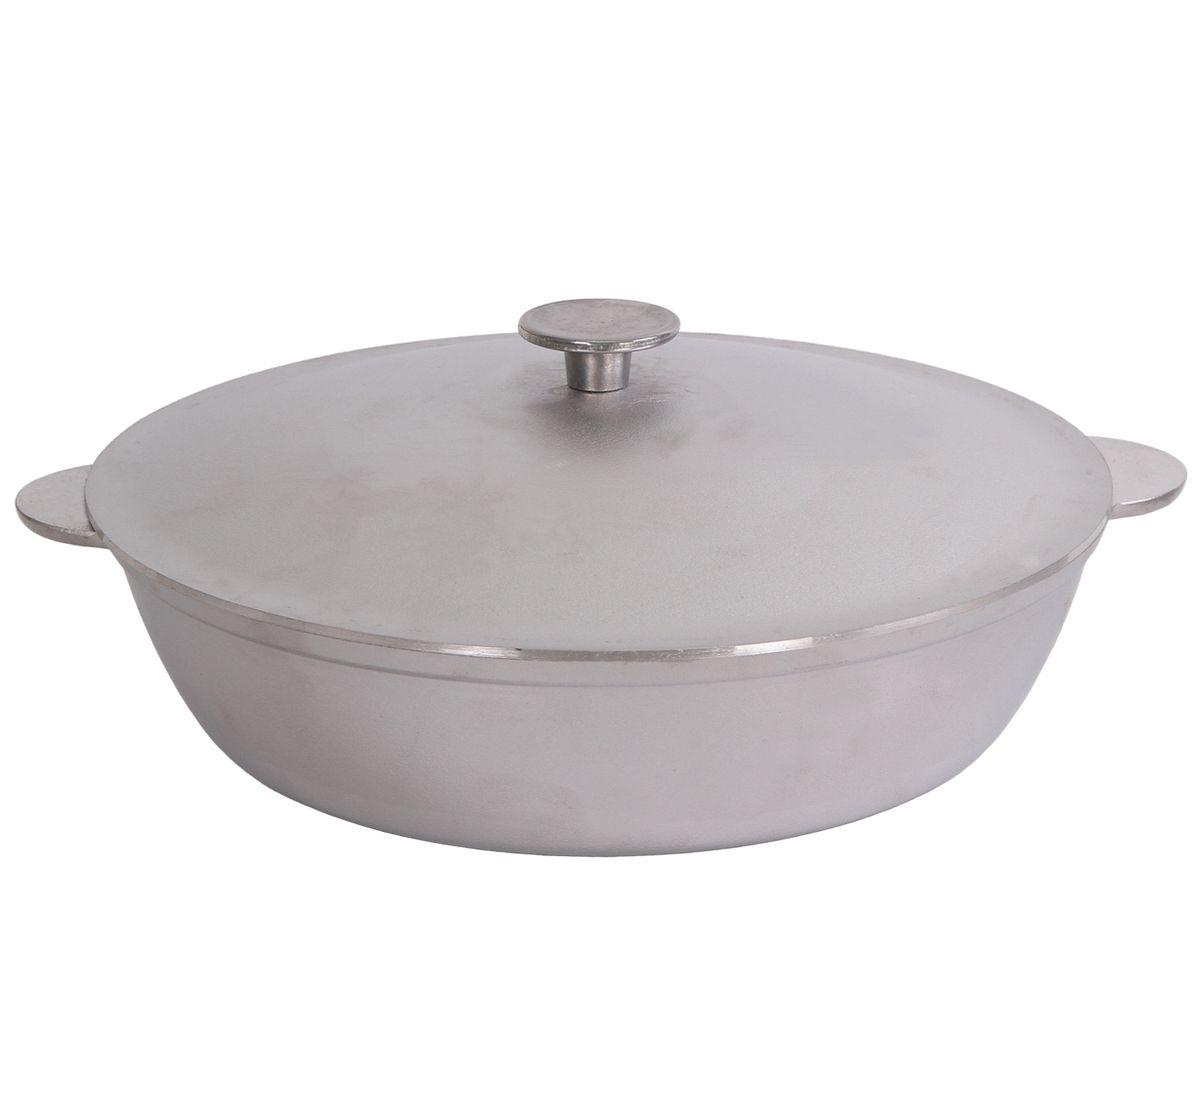 Сковорода Биол с крышкой. Диаметр 30 см. А304А304Сковорода Биол изготовлена из литого алюминия. Изделие оснащено плотно прилегающей крышкой, позволяющей сохранить аромат готовящегося блюда. Сковорода снабжена двумя эргономичными ручками и имеет рельефное дно.Сковороду можно использовать на всех типах плит, кроме индукционных. Рекомендовано мыть вручную.Высота стенки: 6,2 см. Диаметр (по верхнему краю): 30 см.Ширина (с учетом ручек): 36,2 см.